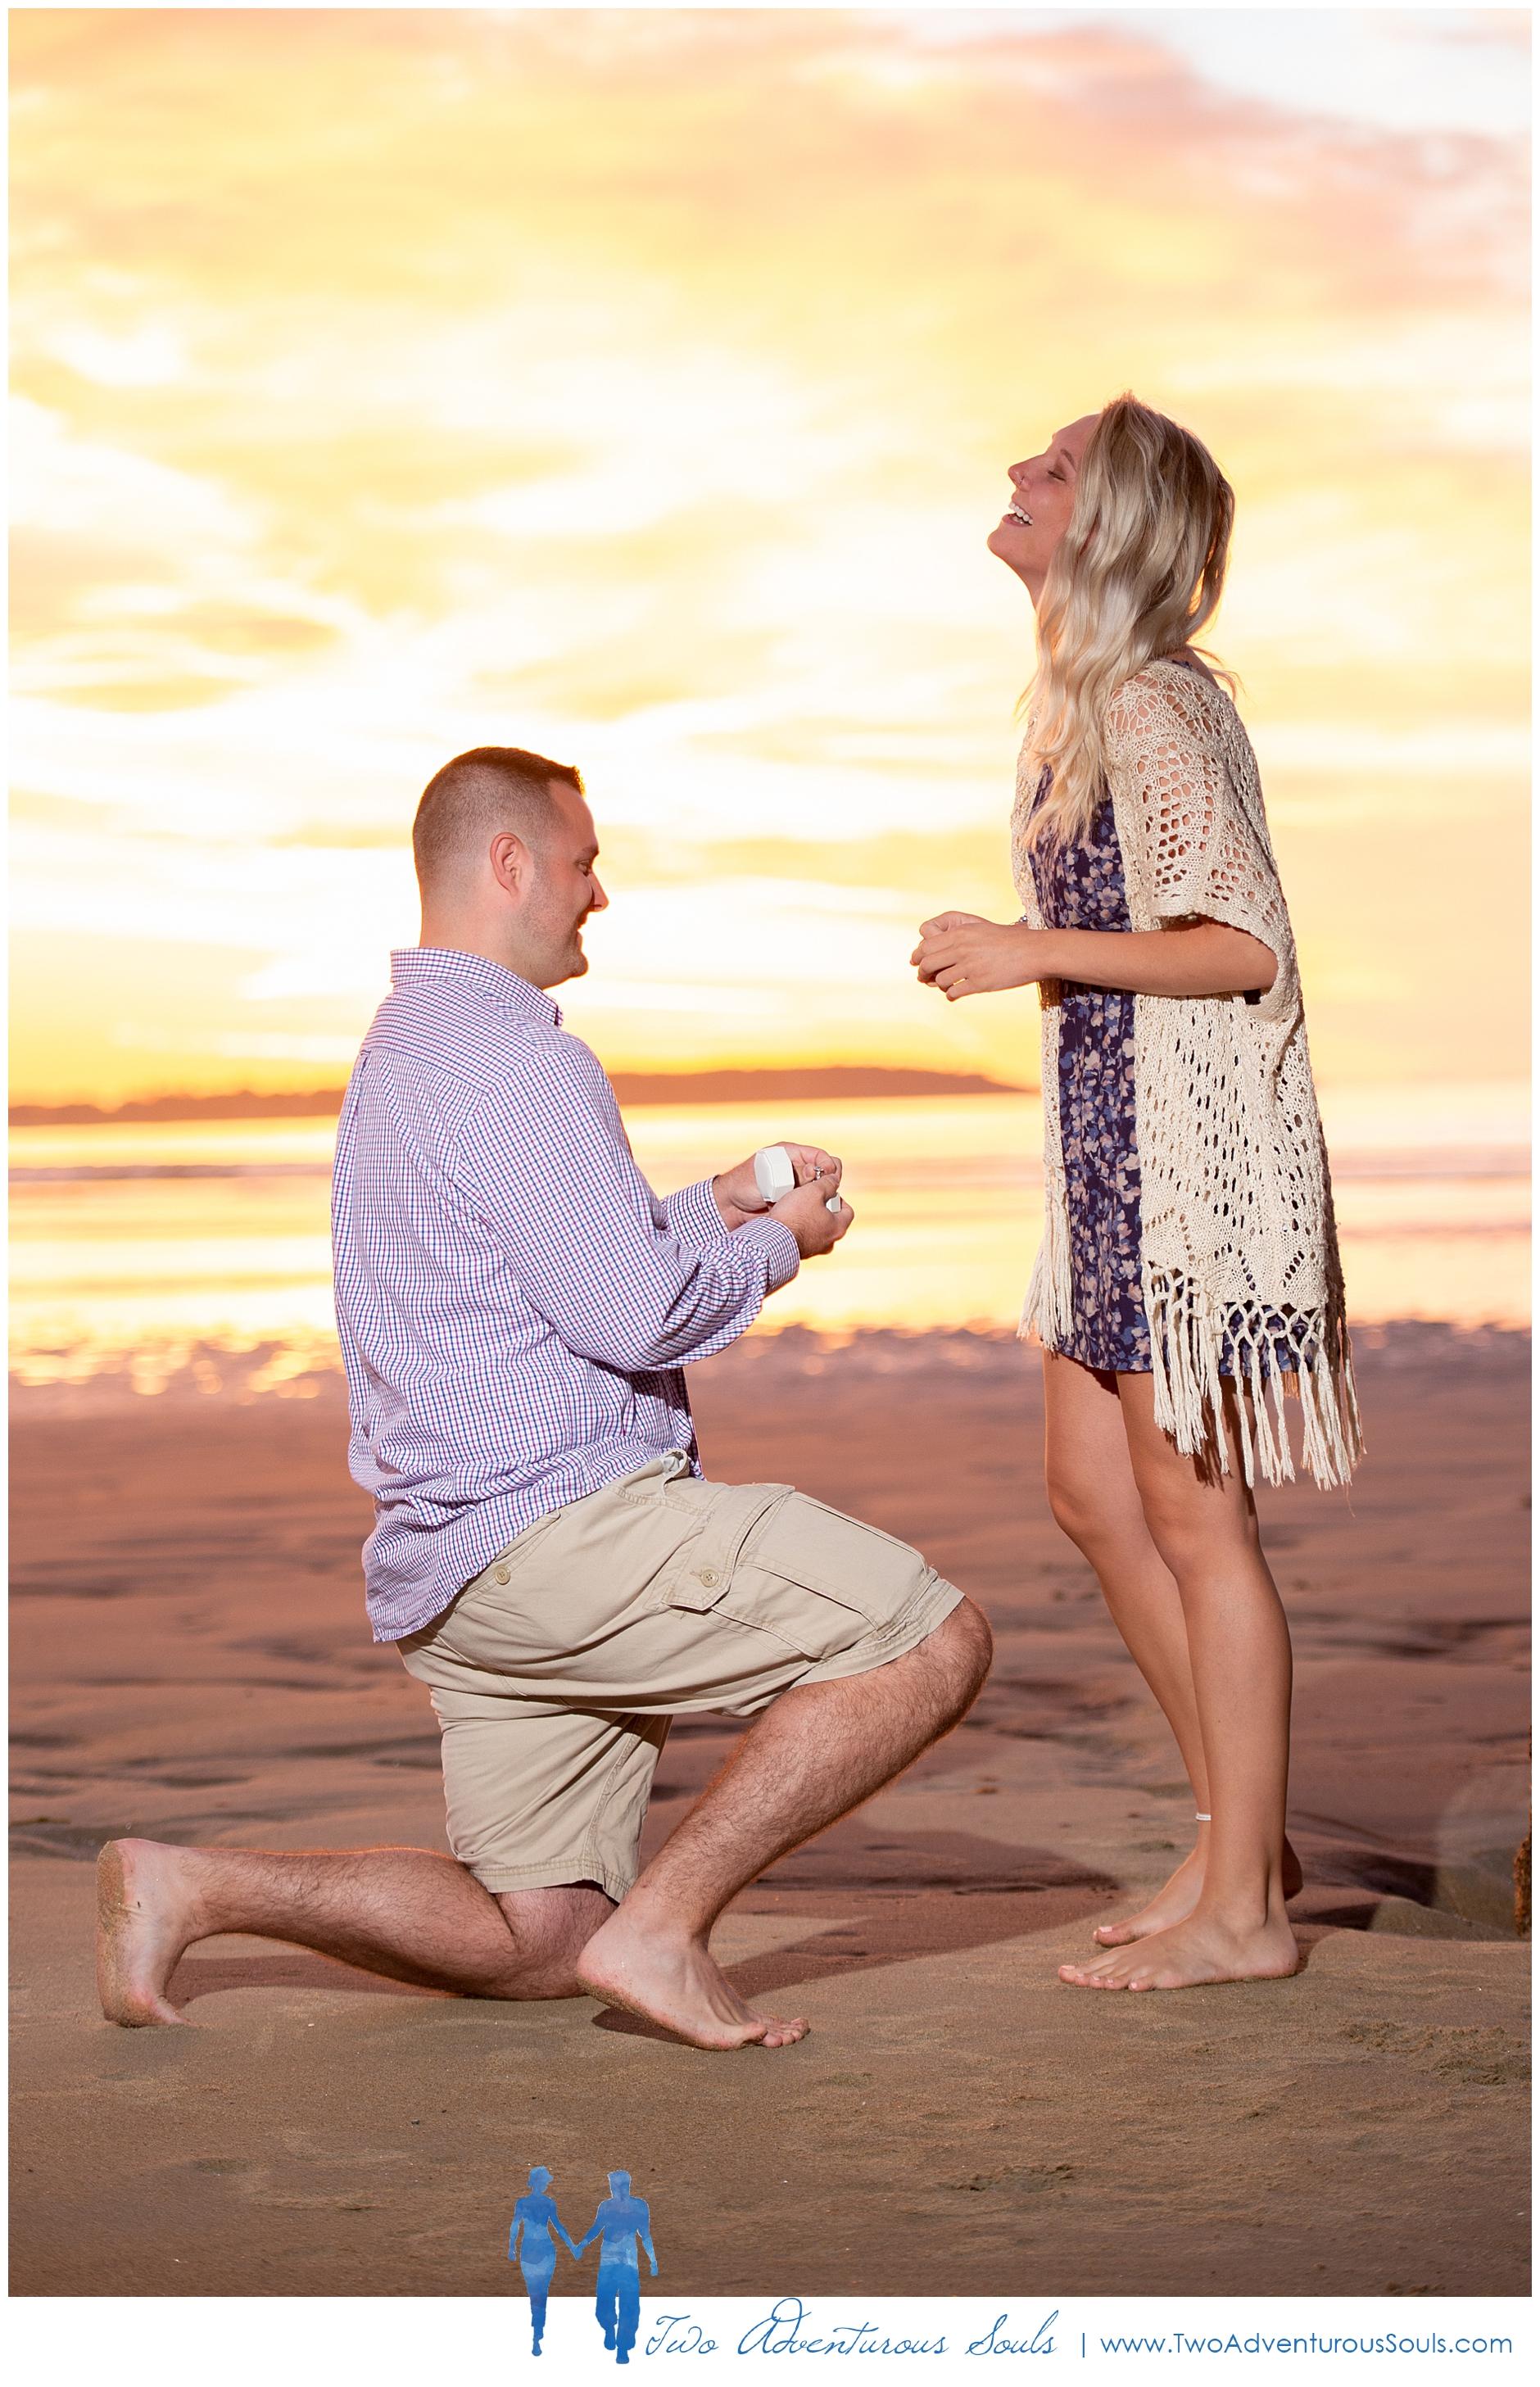 Maine Wedding Photographers, Surprise Proposal Photographers, Maine Elopement Photographers, Two Adventurous Souls-blogcontent_0005.jpg